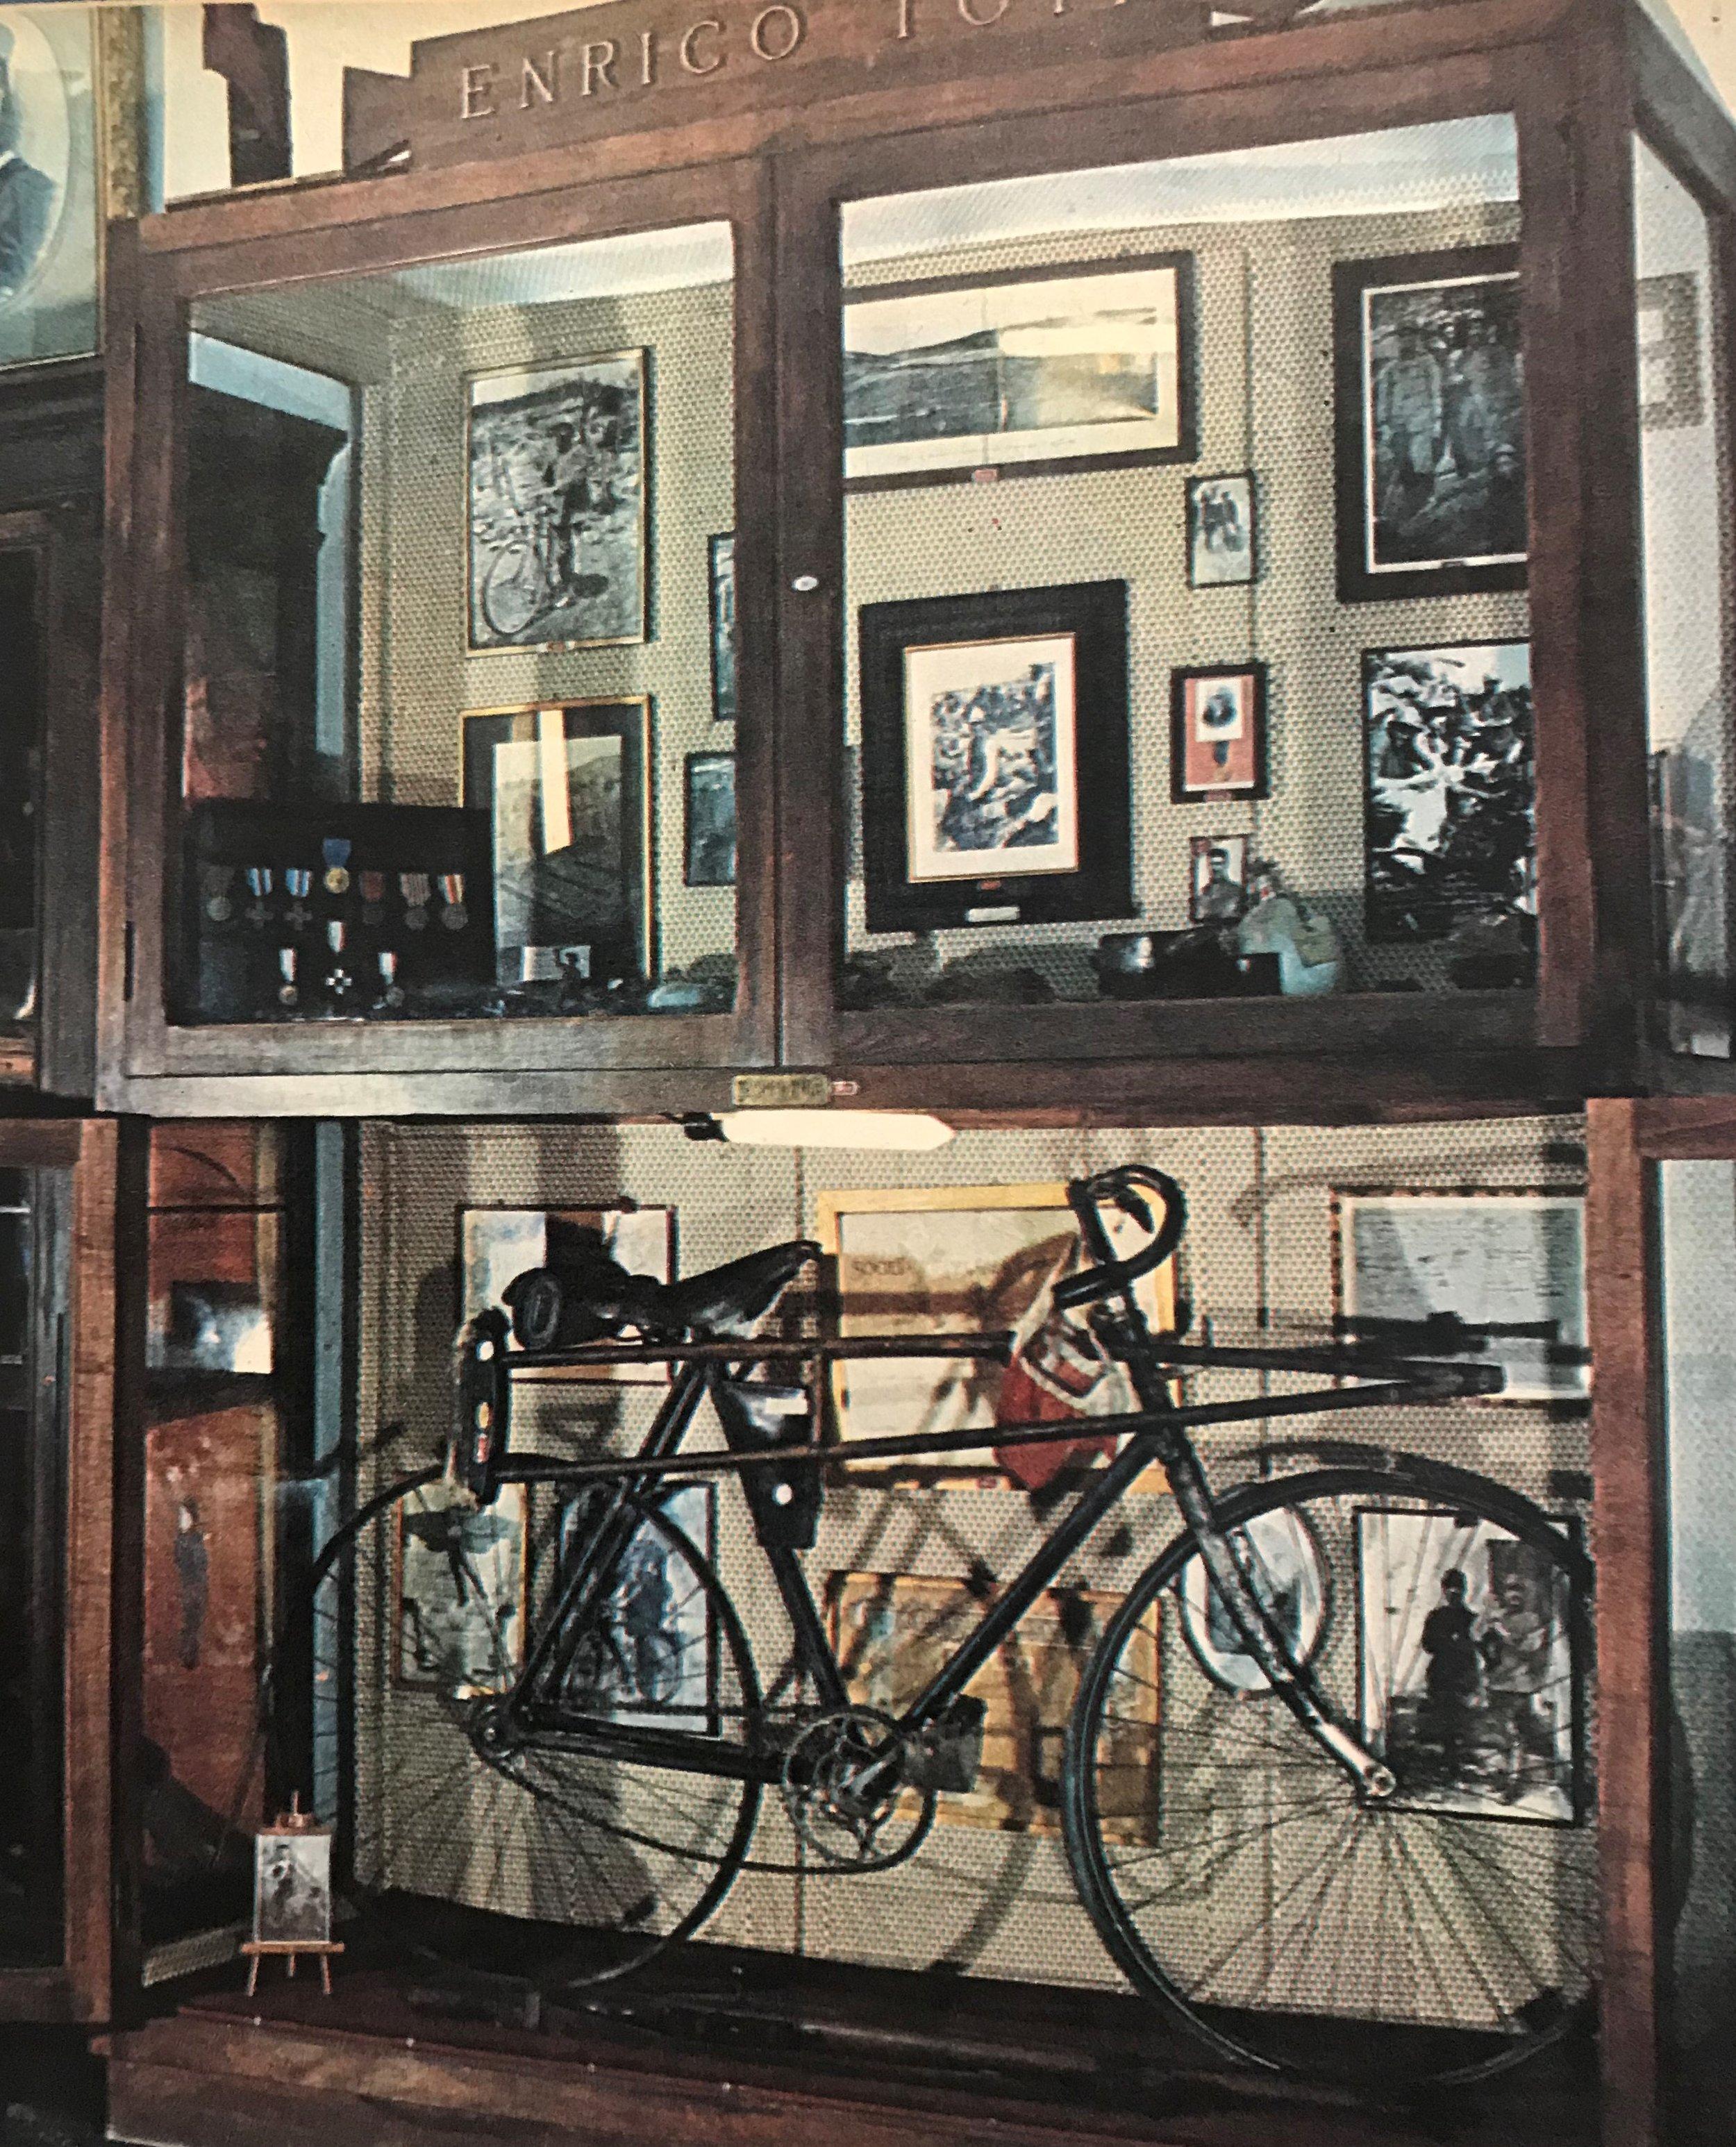 La bicicletta e la stampella di Enrico Toti conservati al Museo Storico del Corpo dei Bersaglieri insieme ad altri ricordi dell'Eroe